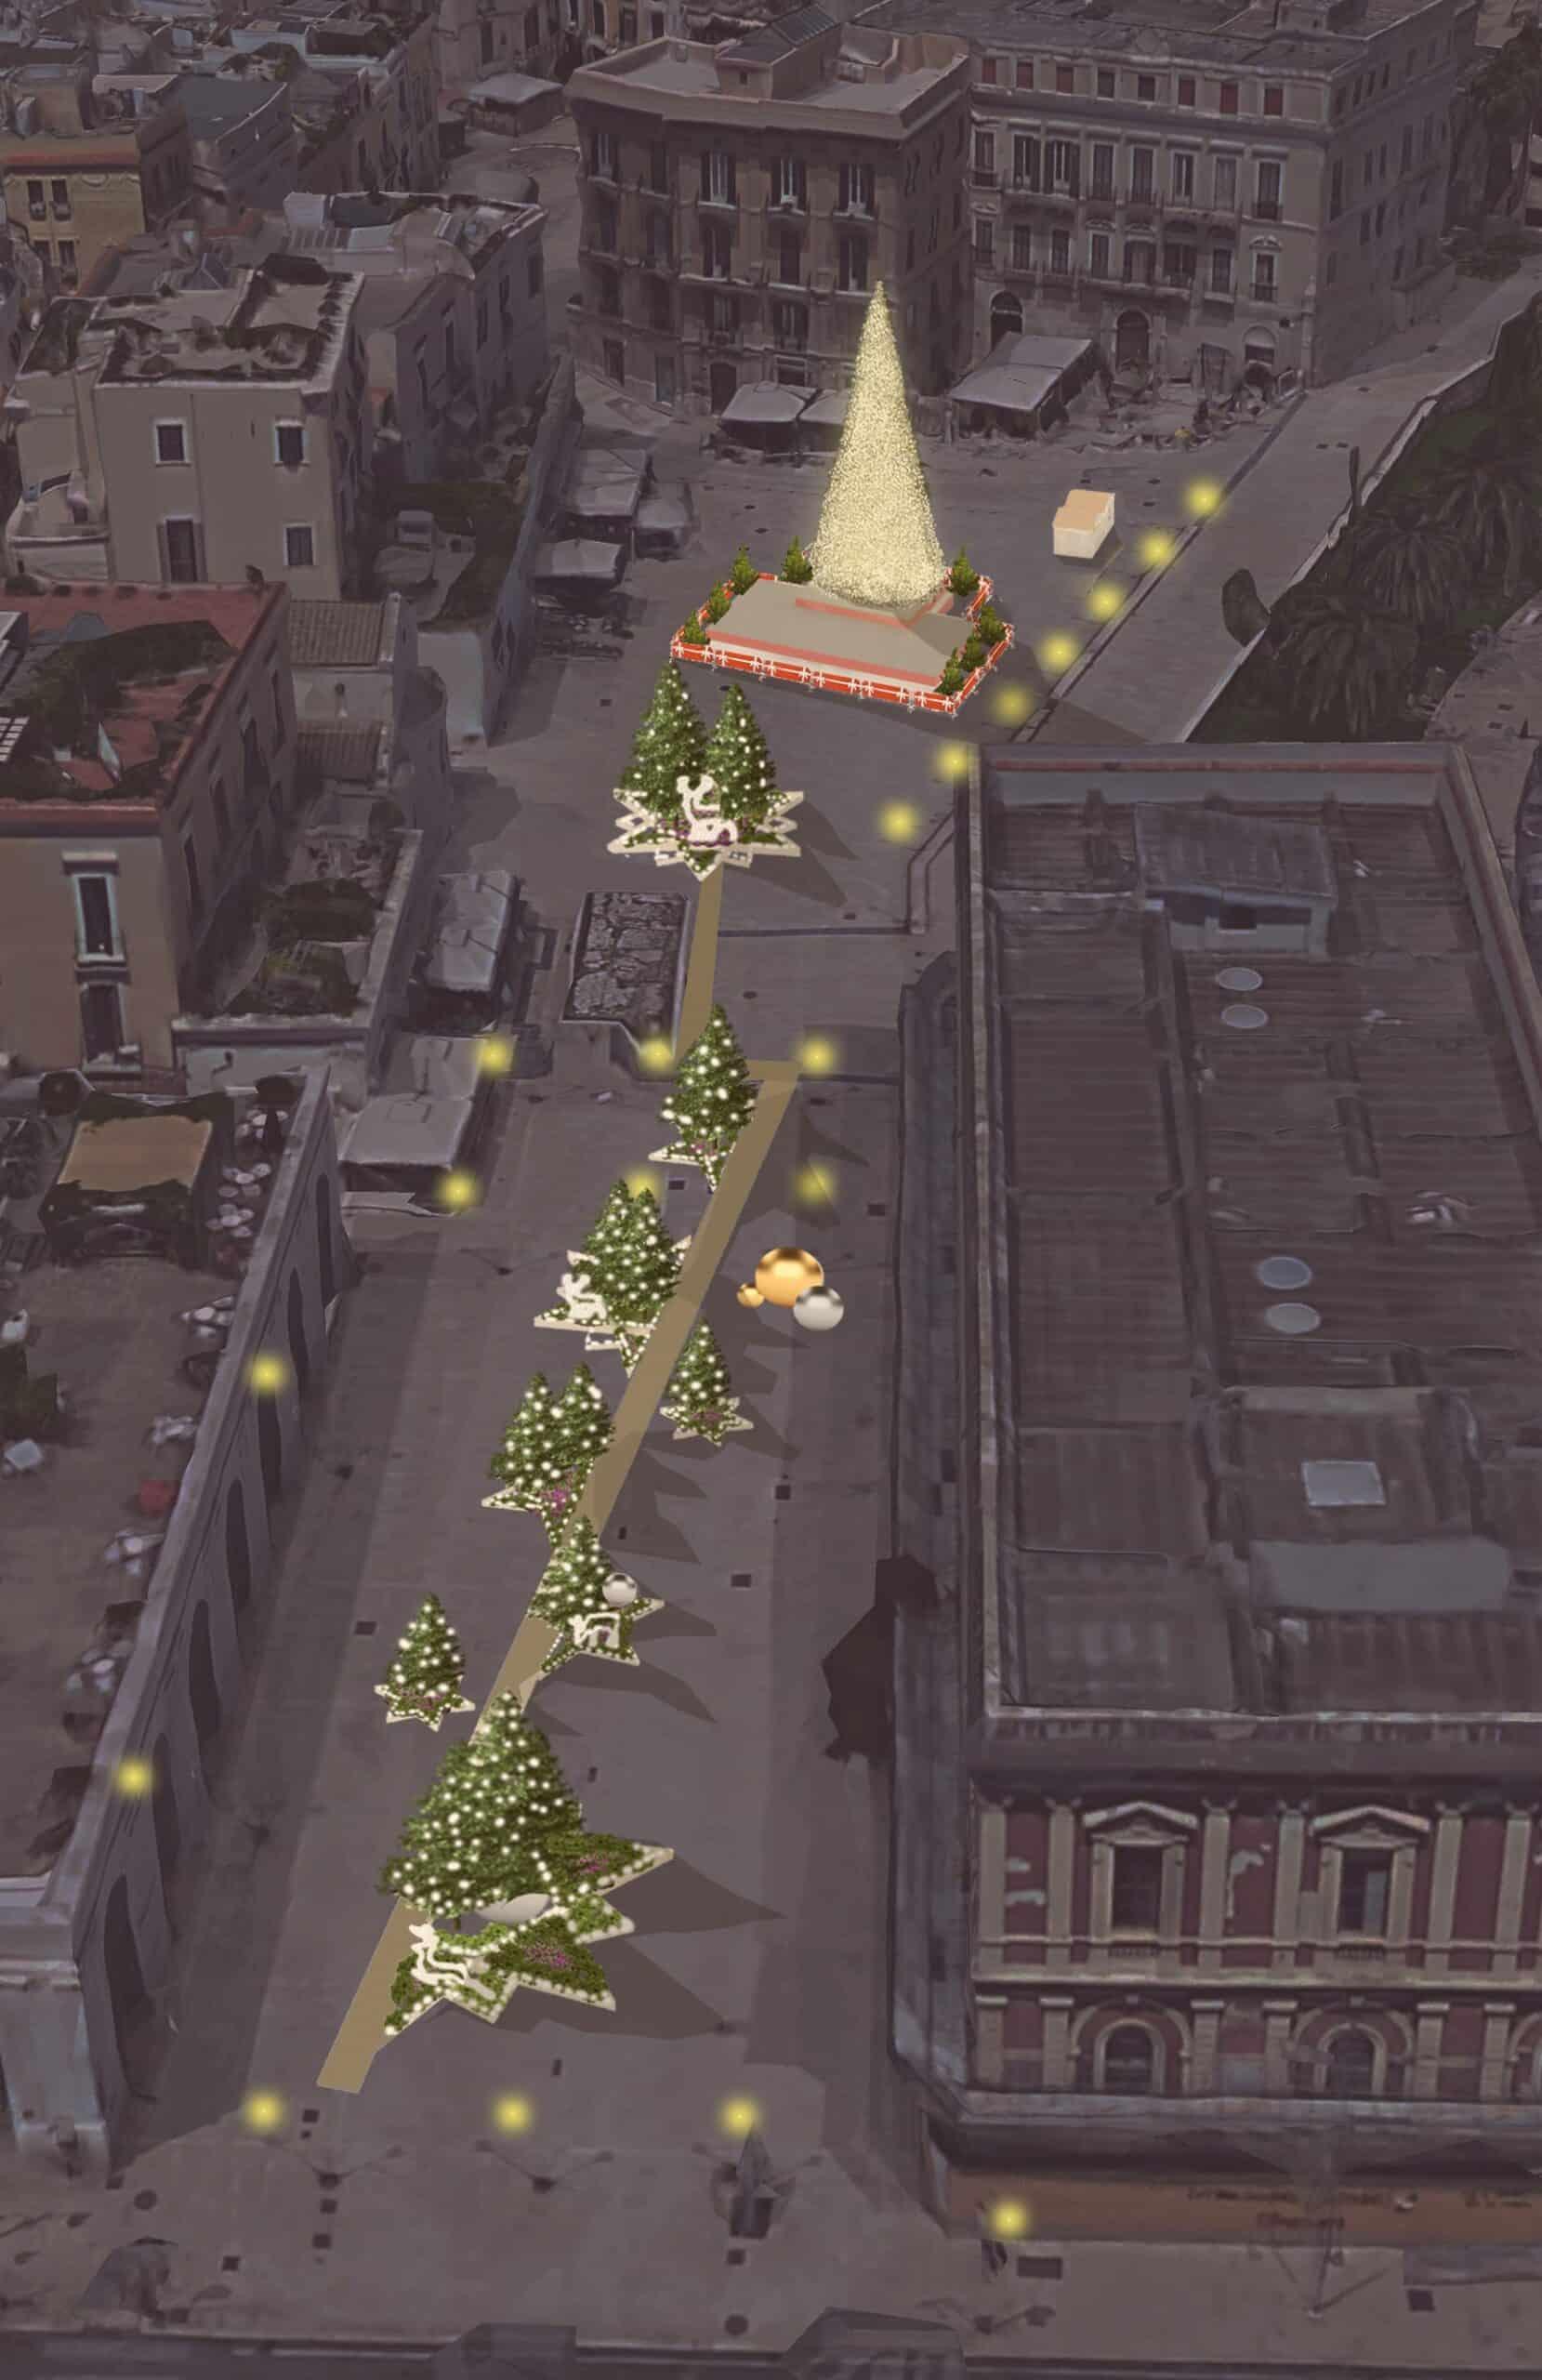 Bari Natale 2018,a piazza Ferrarese passeggiata tra le stelle e un albero alto 14 metri